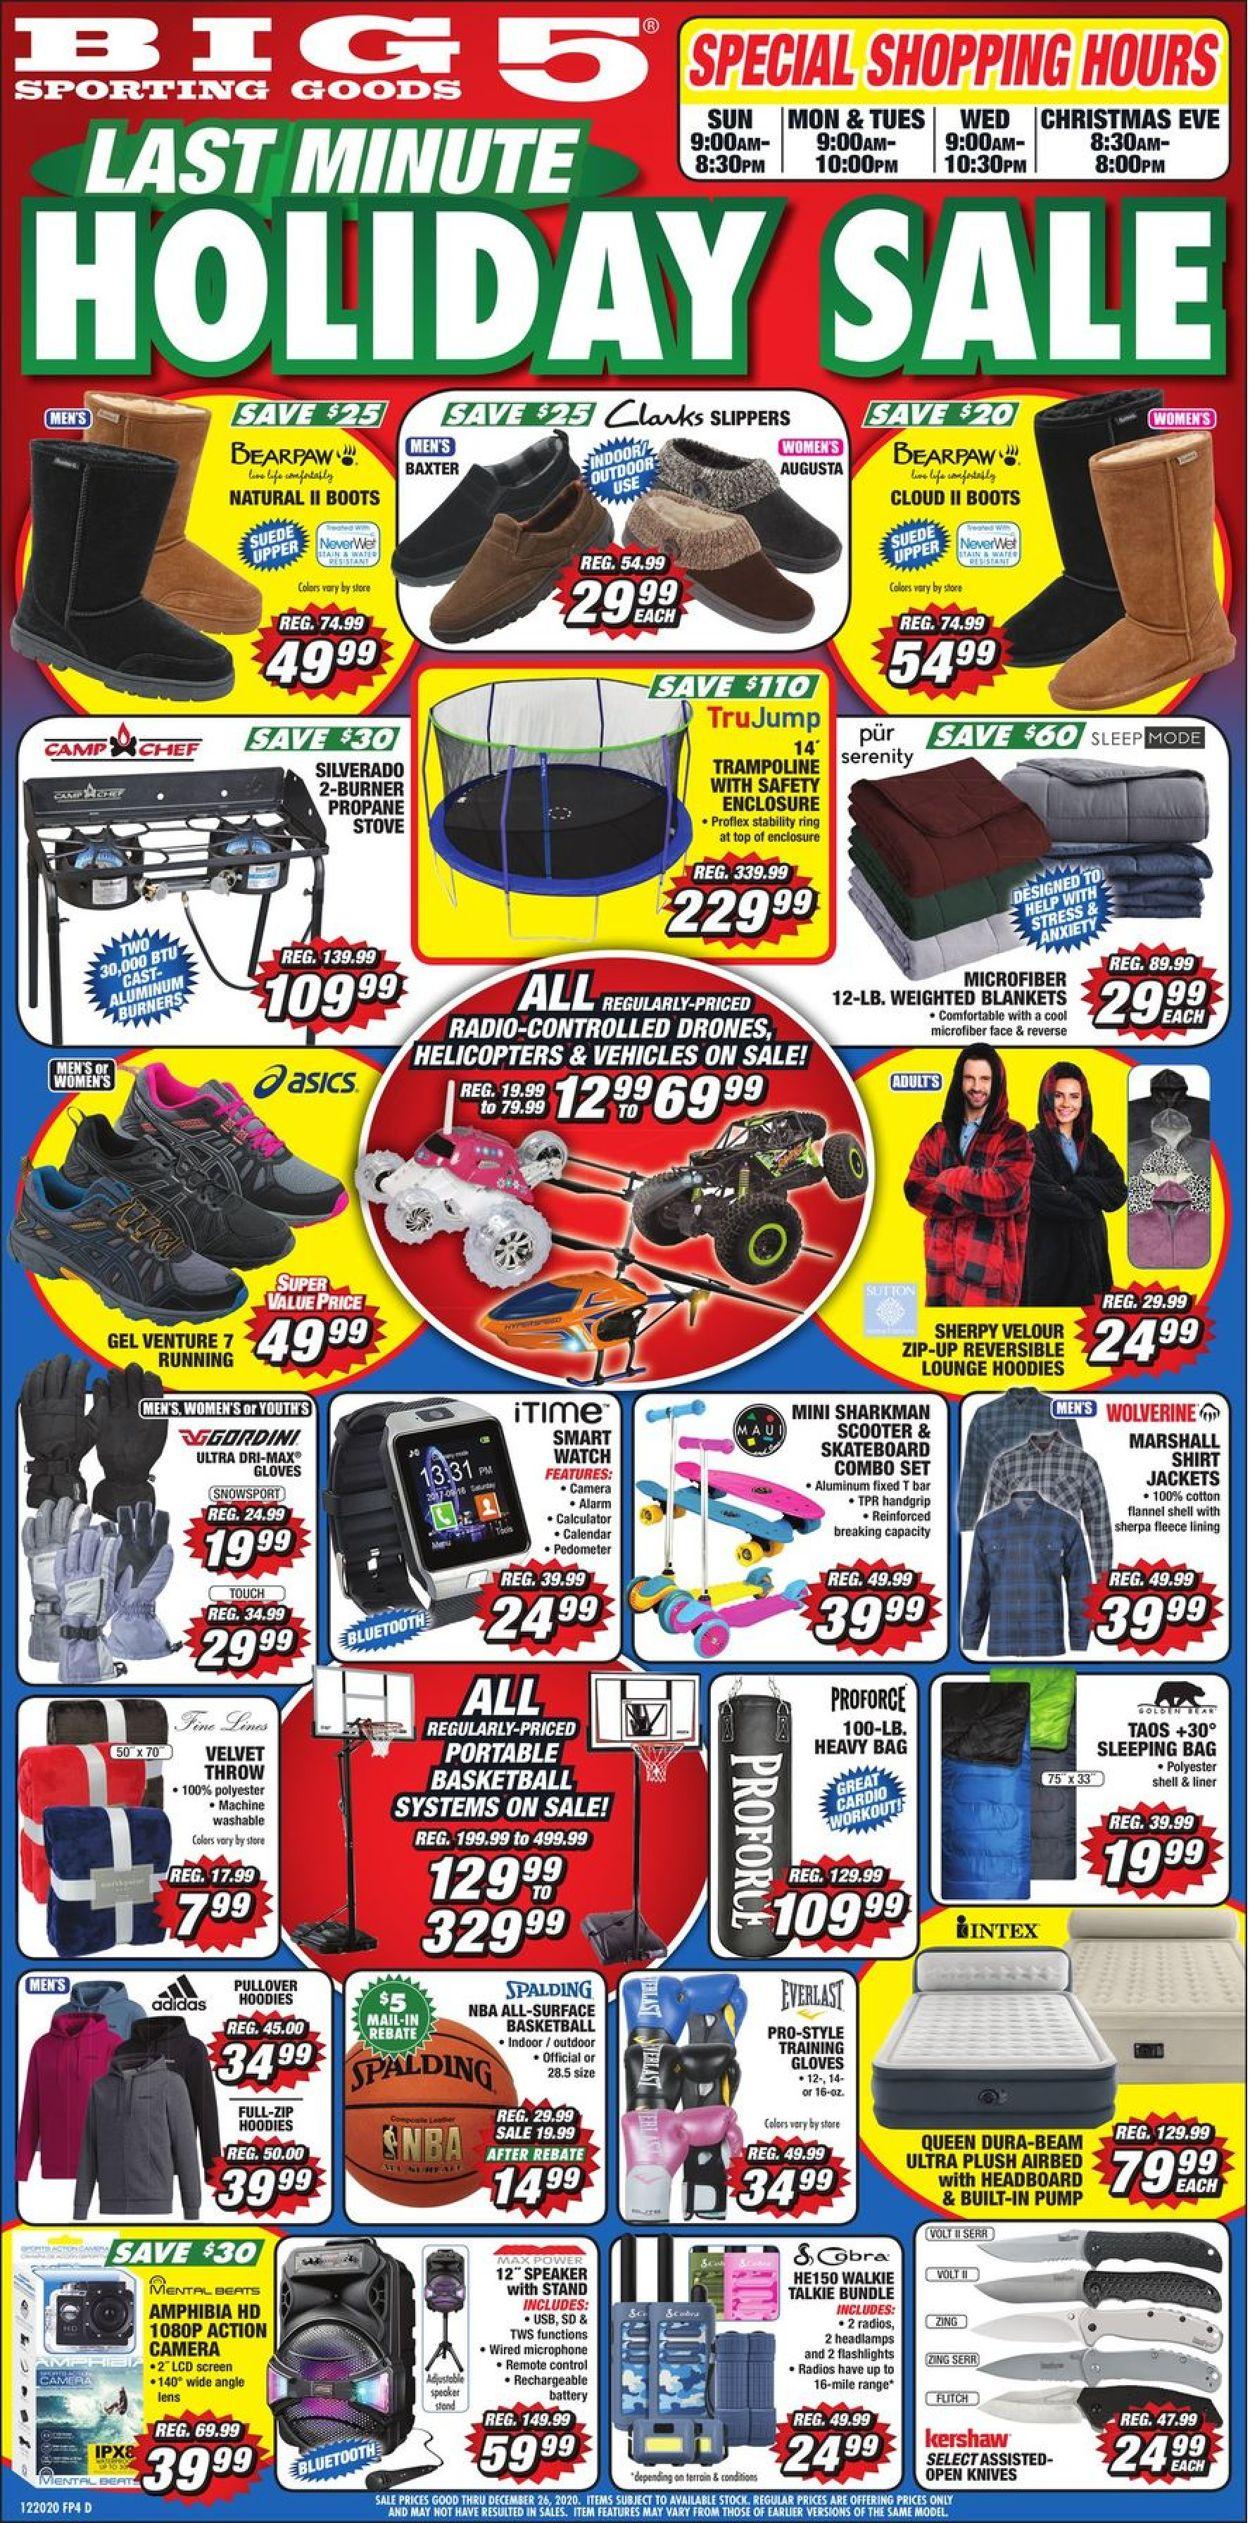 Big 5 Holiday Sale 2020 Weekly Ad Circular - valid 12/20-12/26/2020